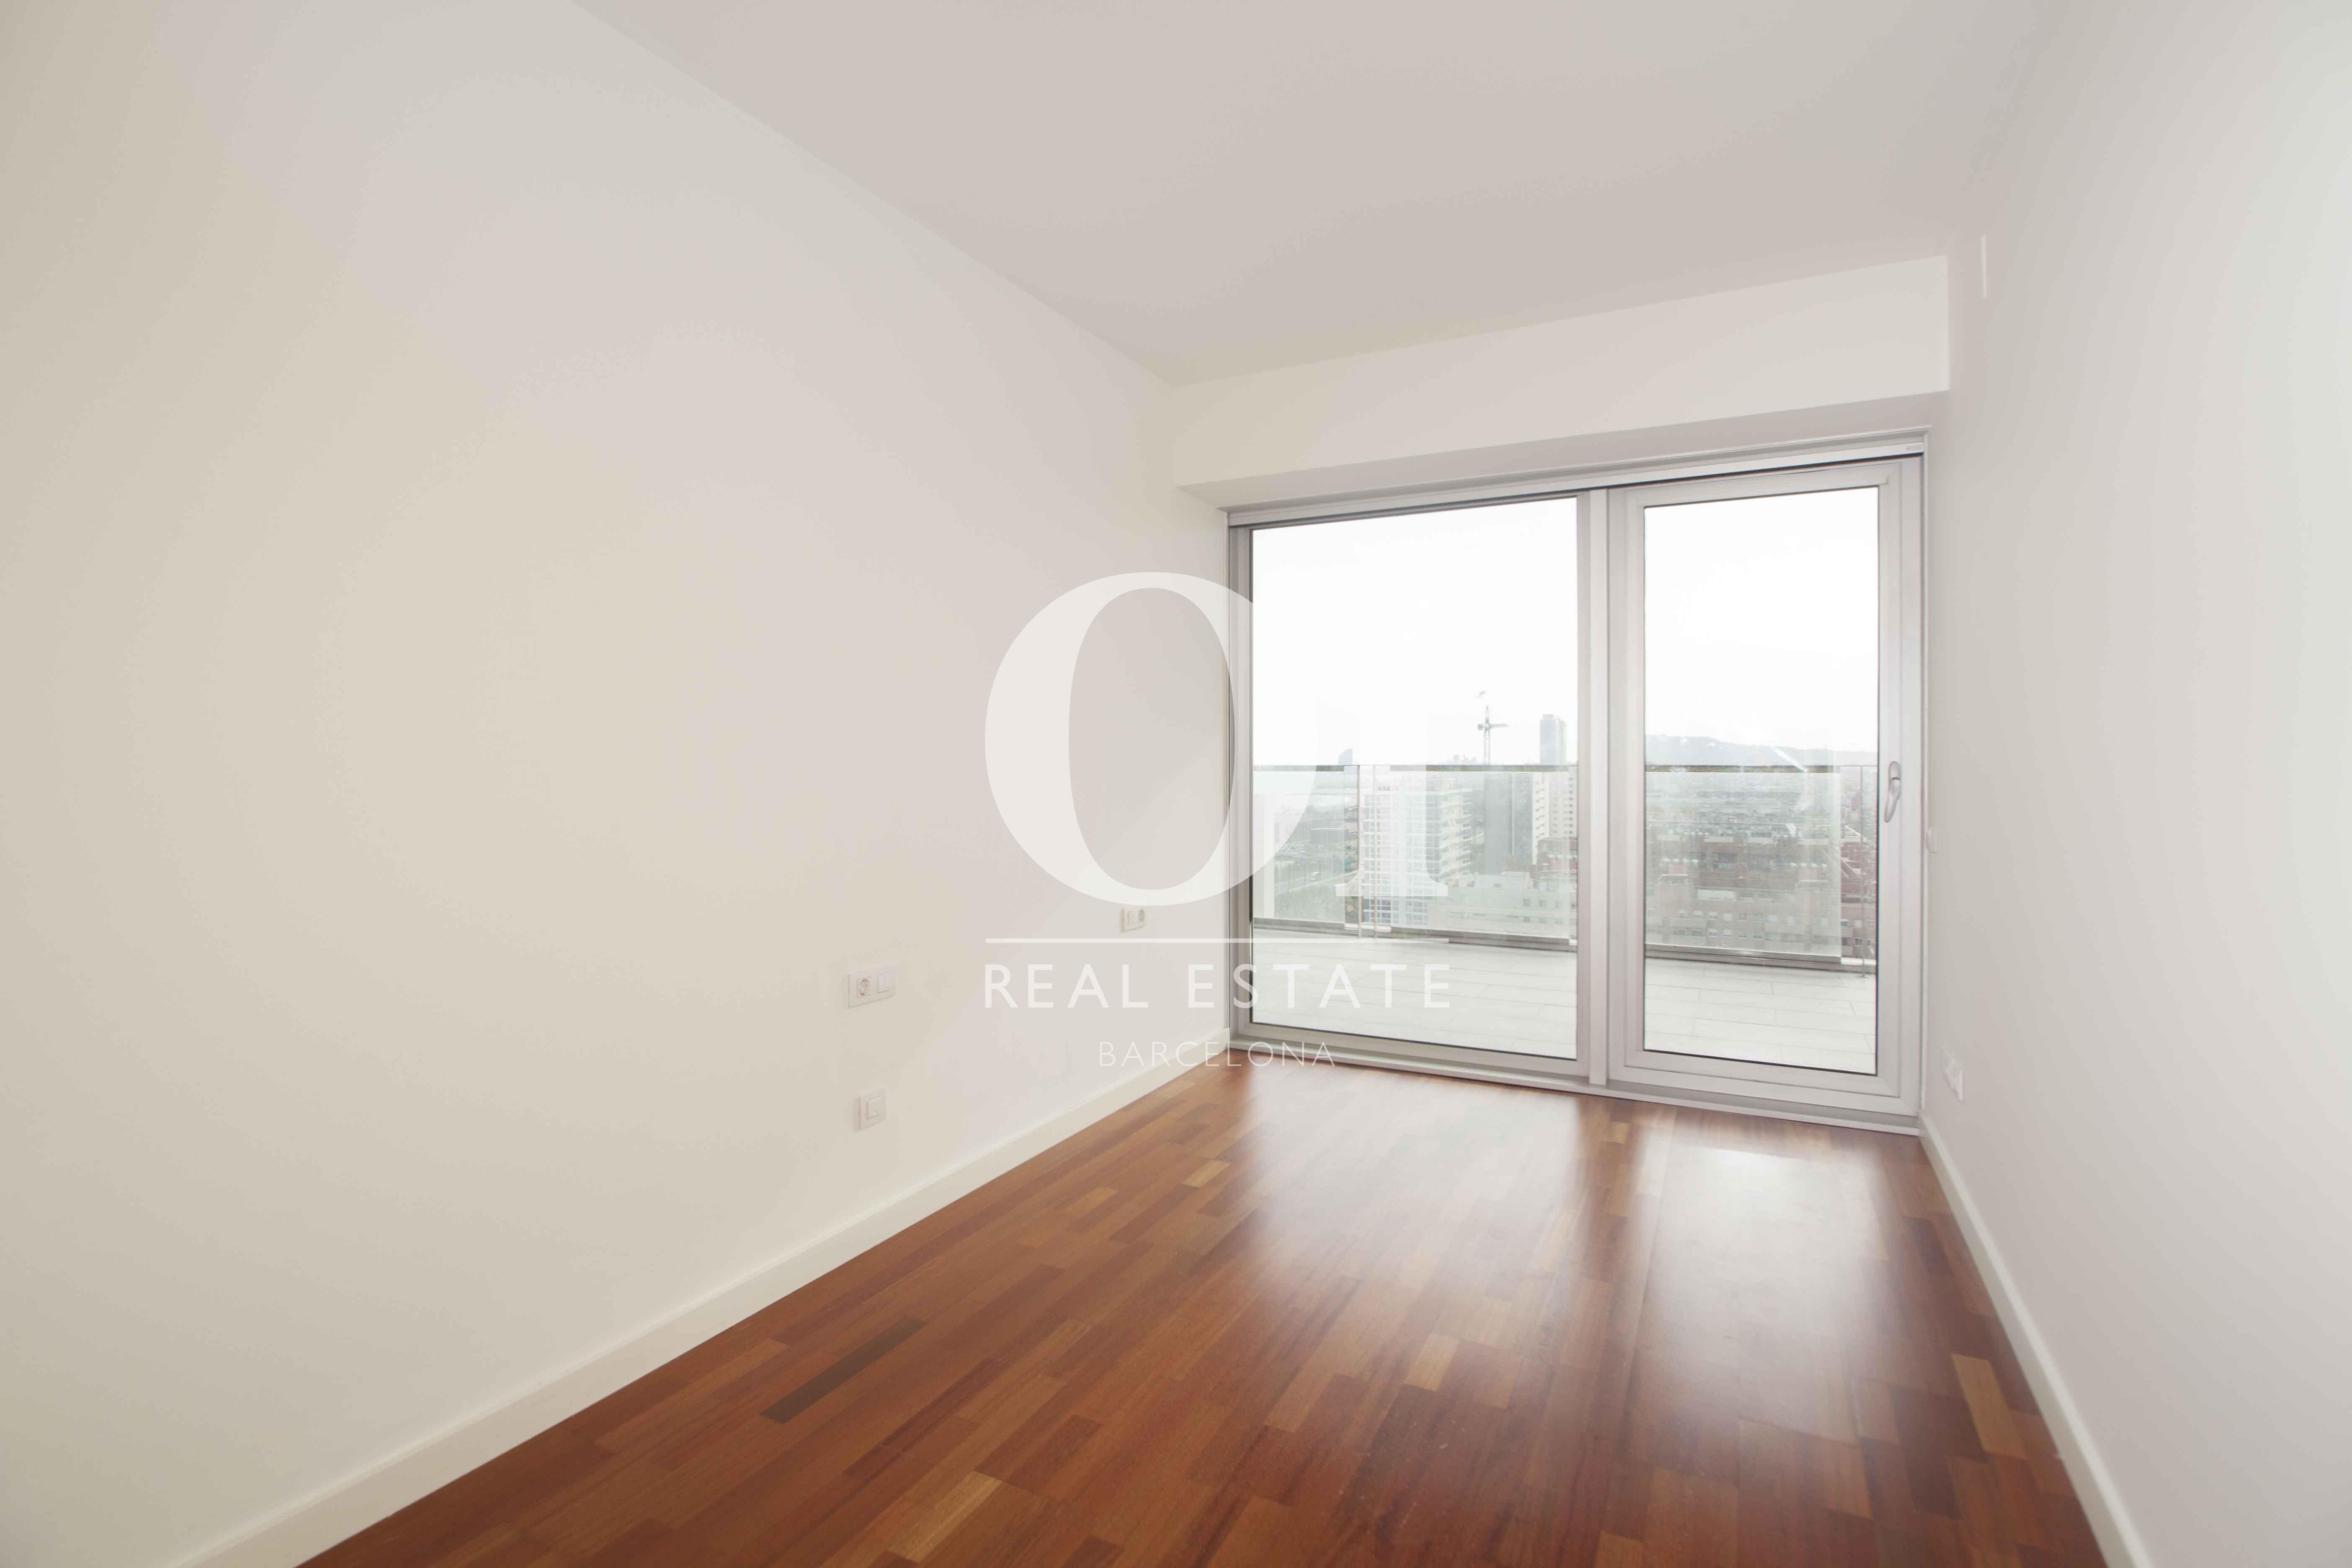 Chambre double de l'appartement en vente à Diagonal Mar, Barcelone